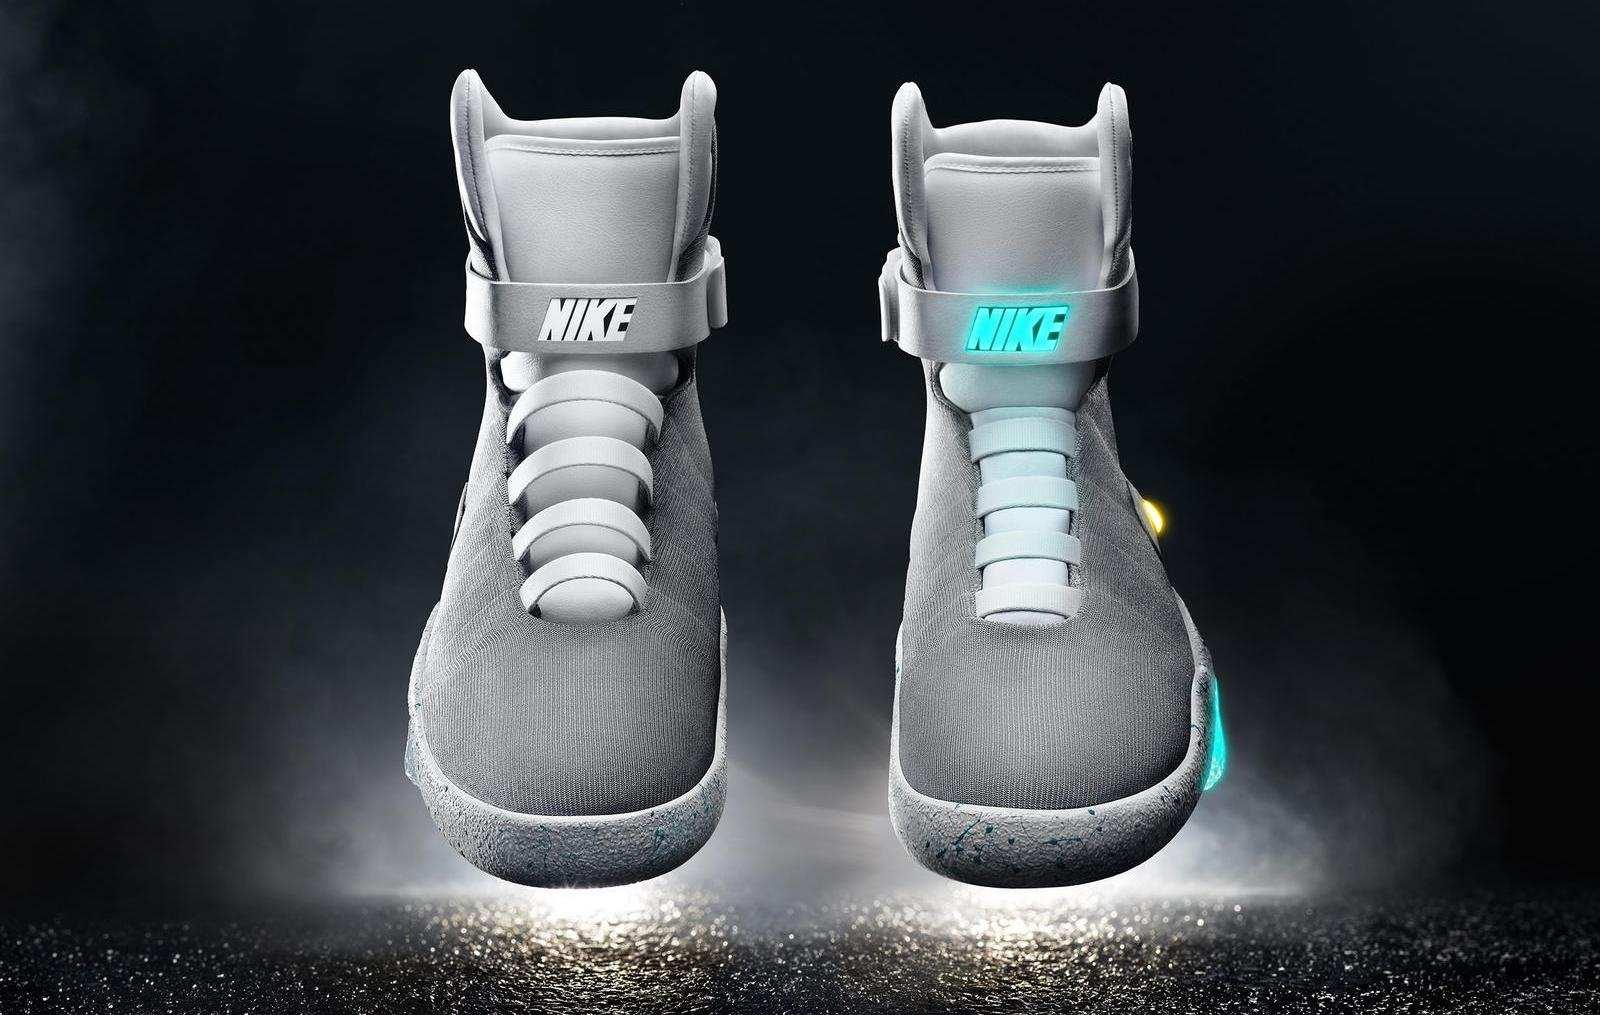 Nike випустить кросівки як у фільмі «Назад у майбутнє» - Pingvin.Pro 7f4b635358a57